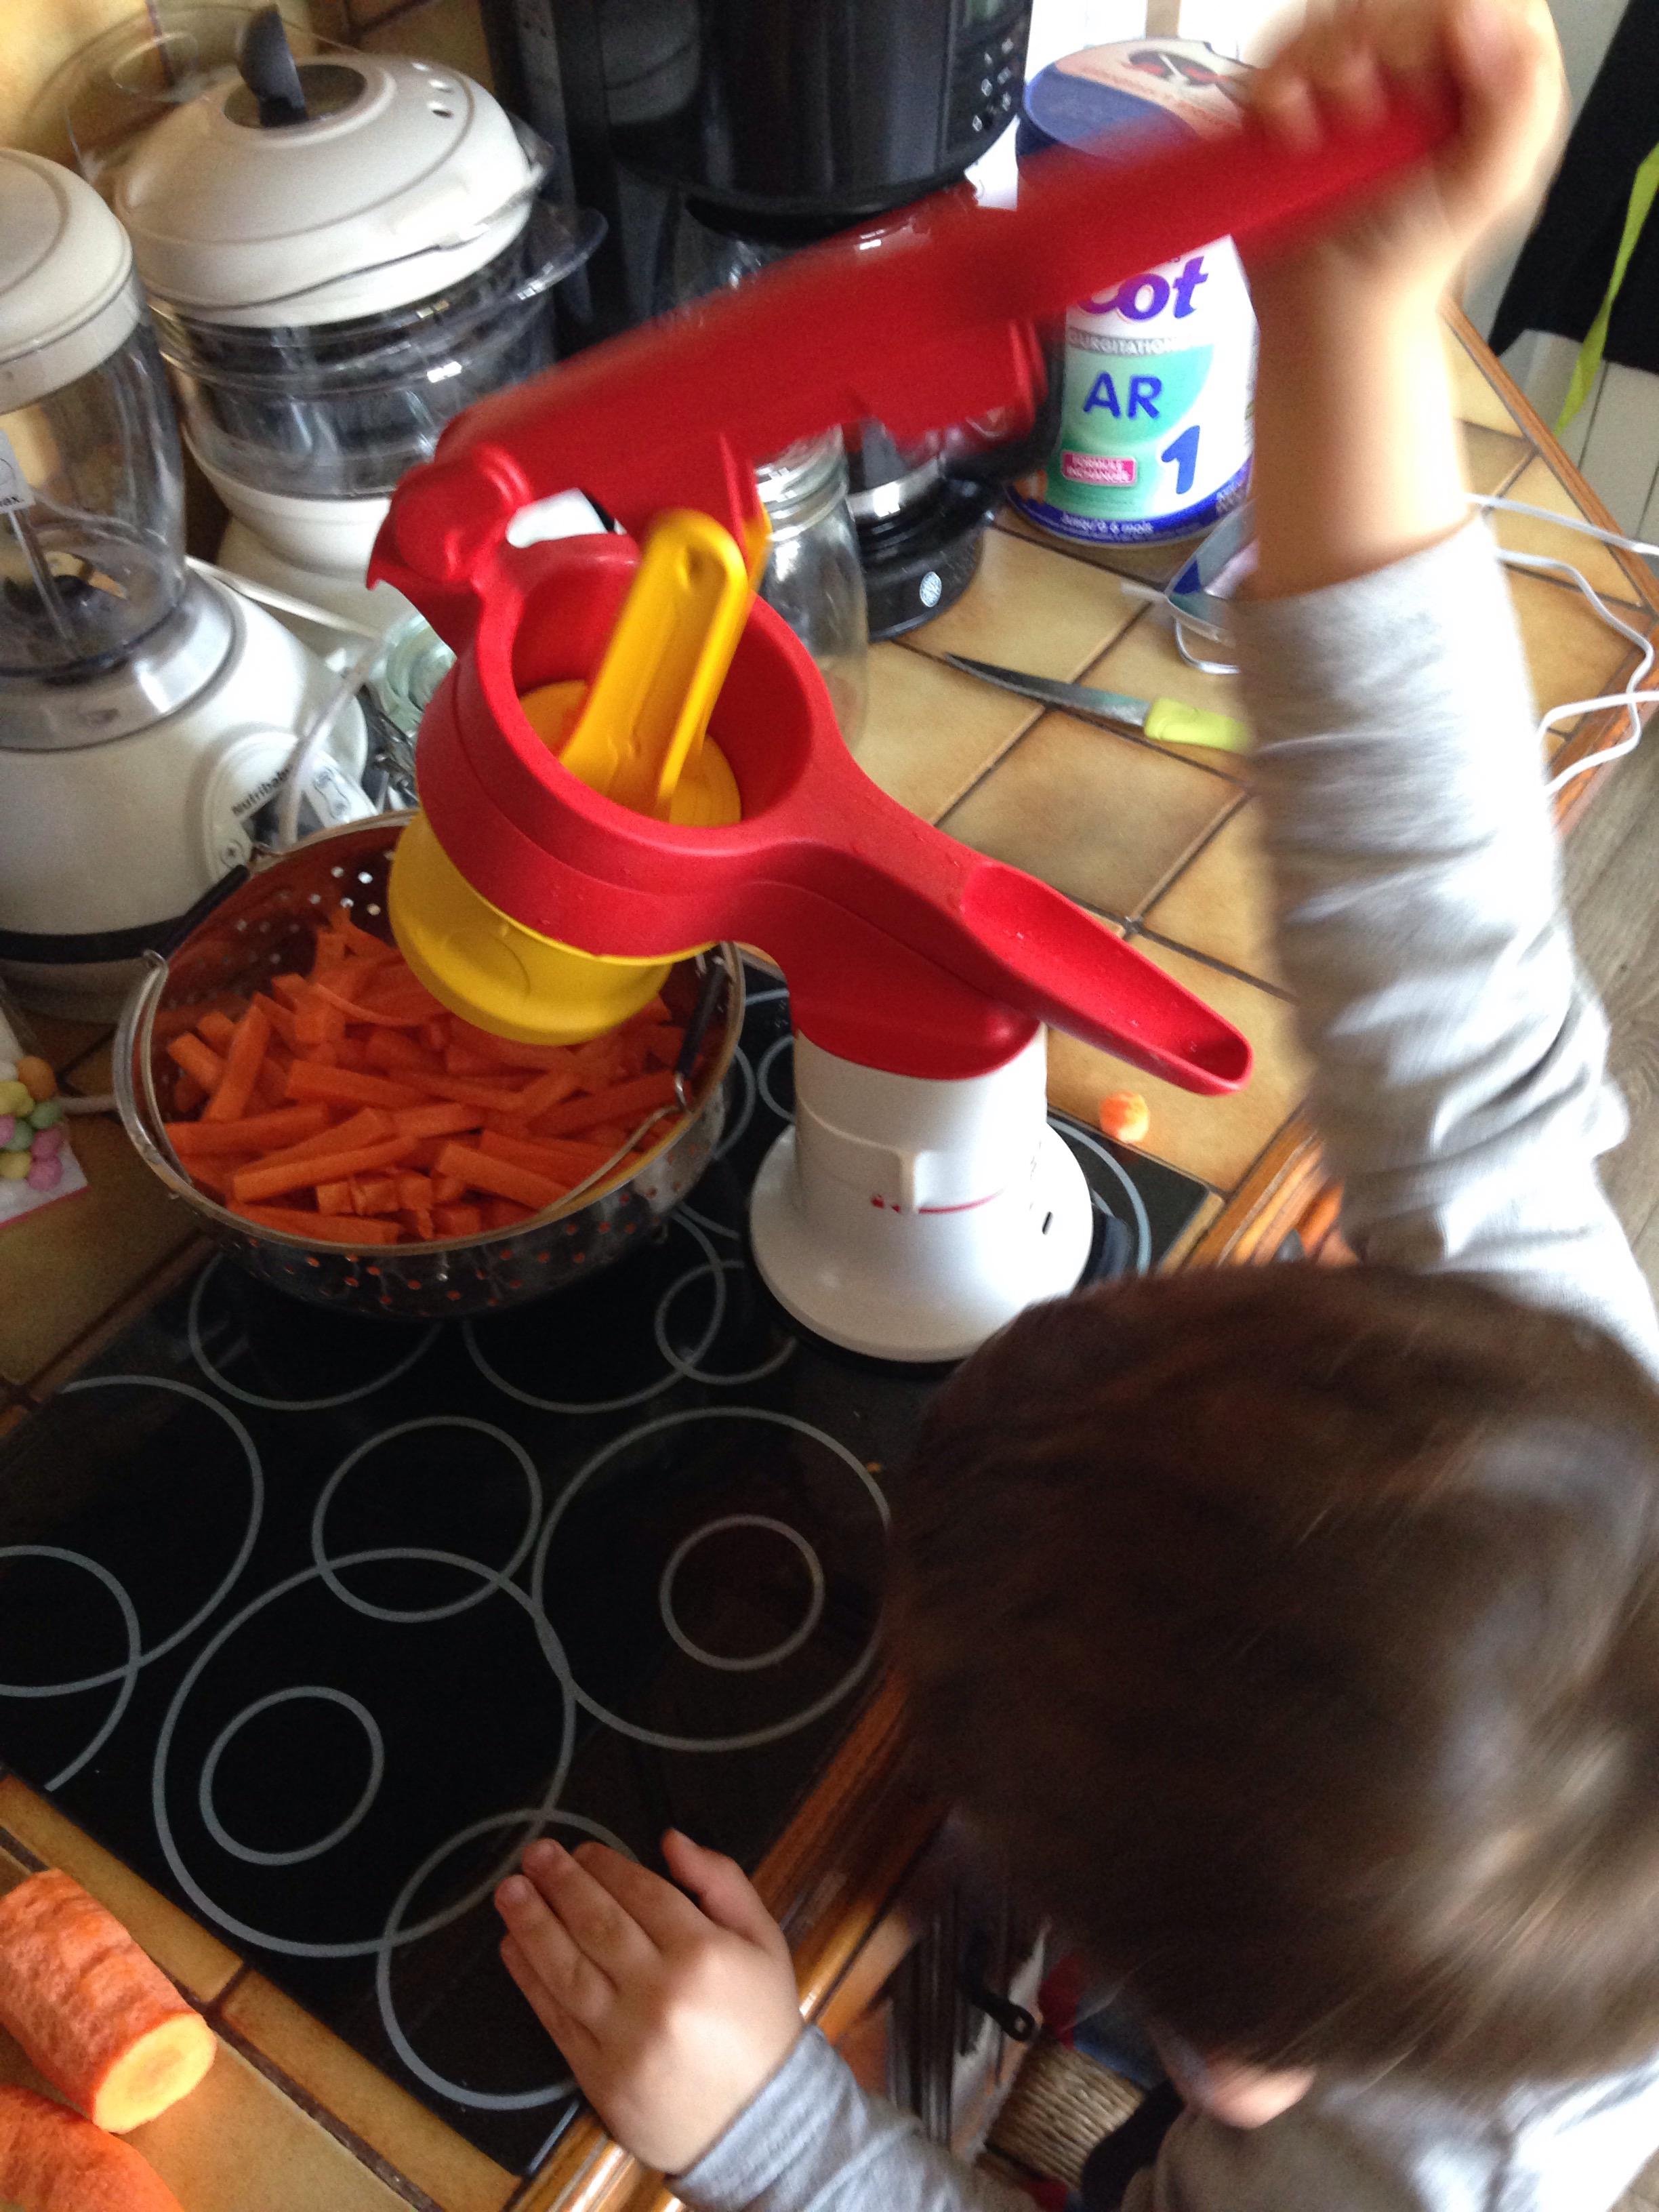 la cuisine des kids avec l adapta chef de tupperware. Black Bedroom Furniture Sets. Home Design Ideas